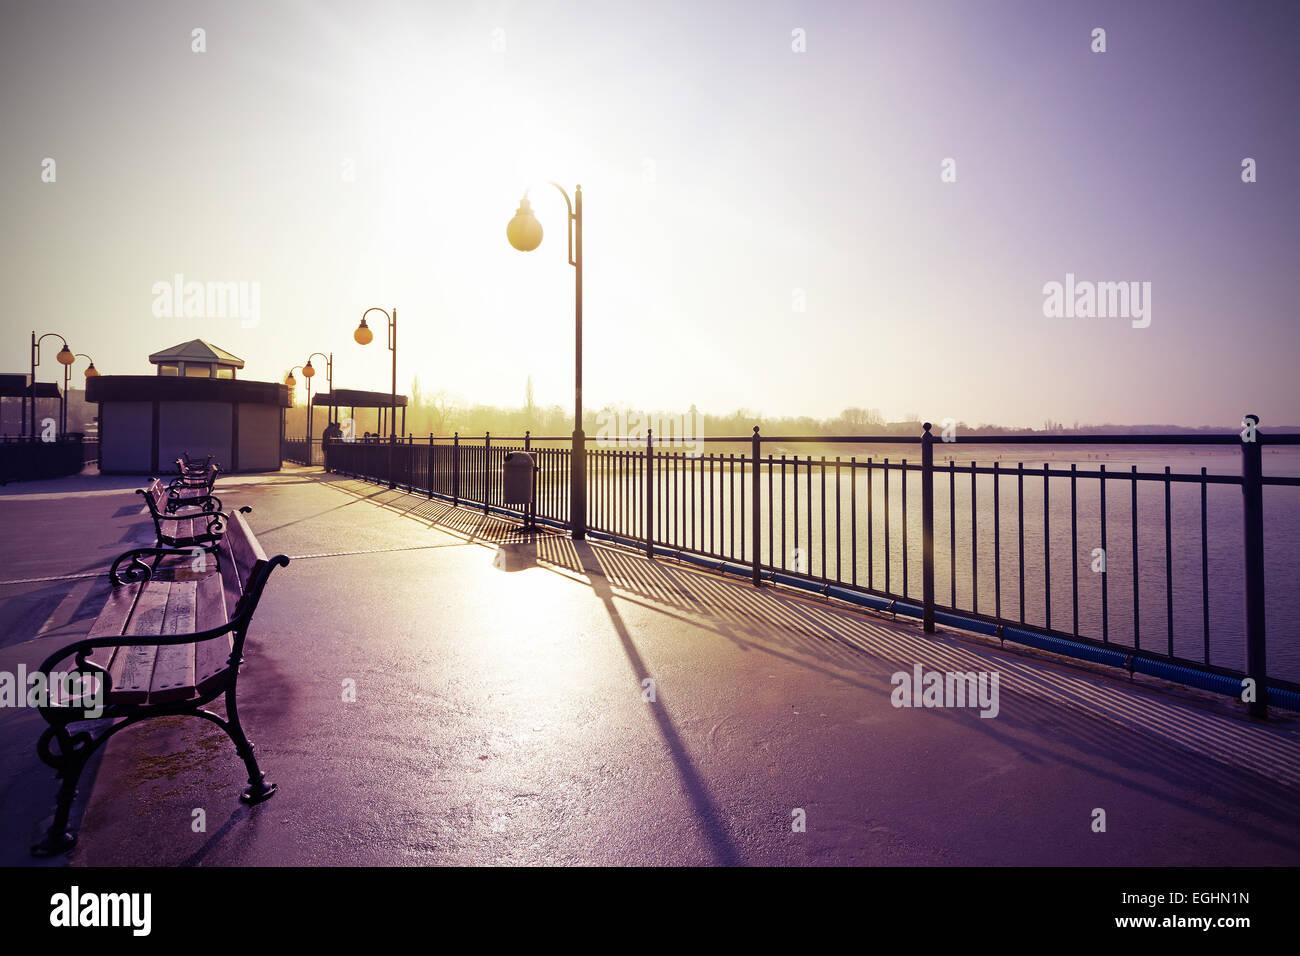 Retro vintage filtered nostalgic picture of promenade against sun. - Stock Image